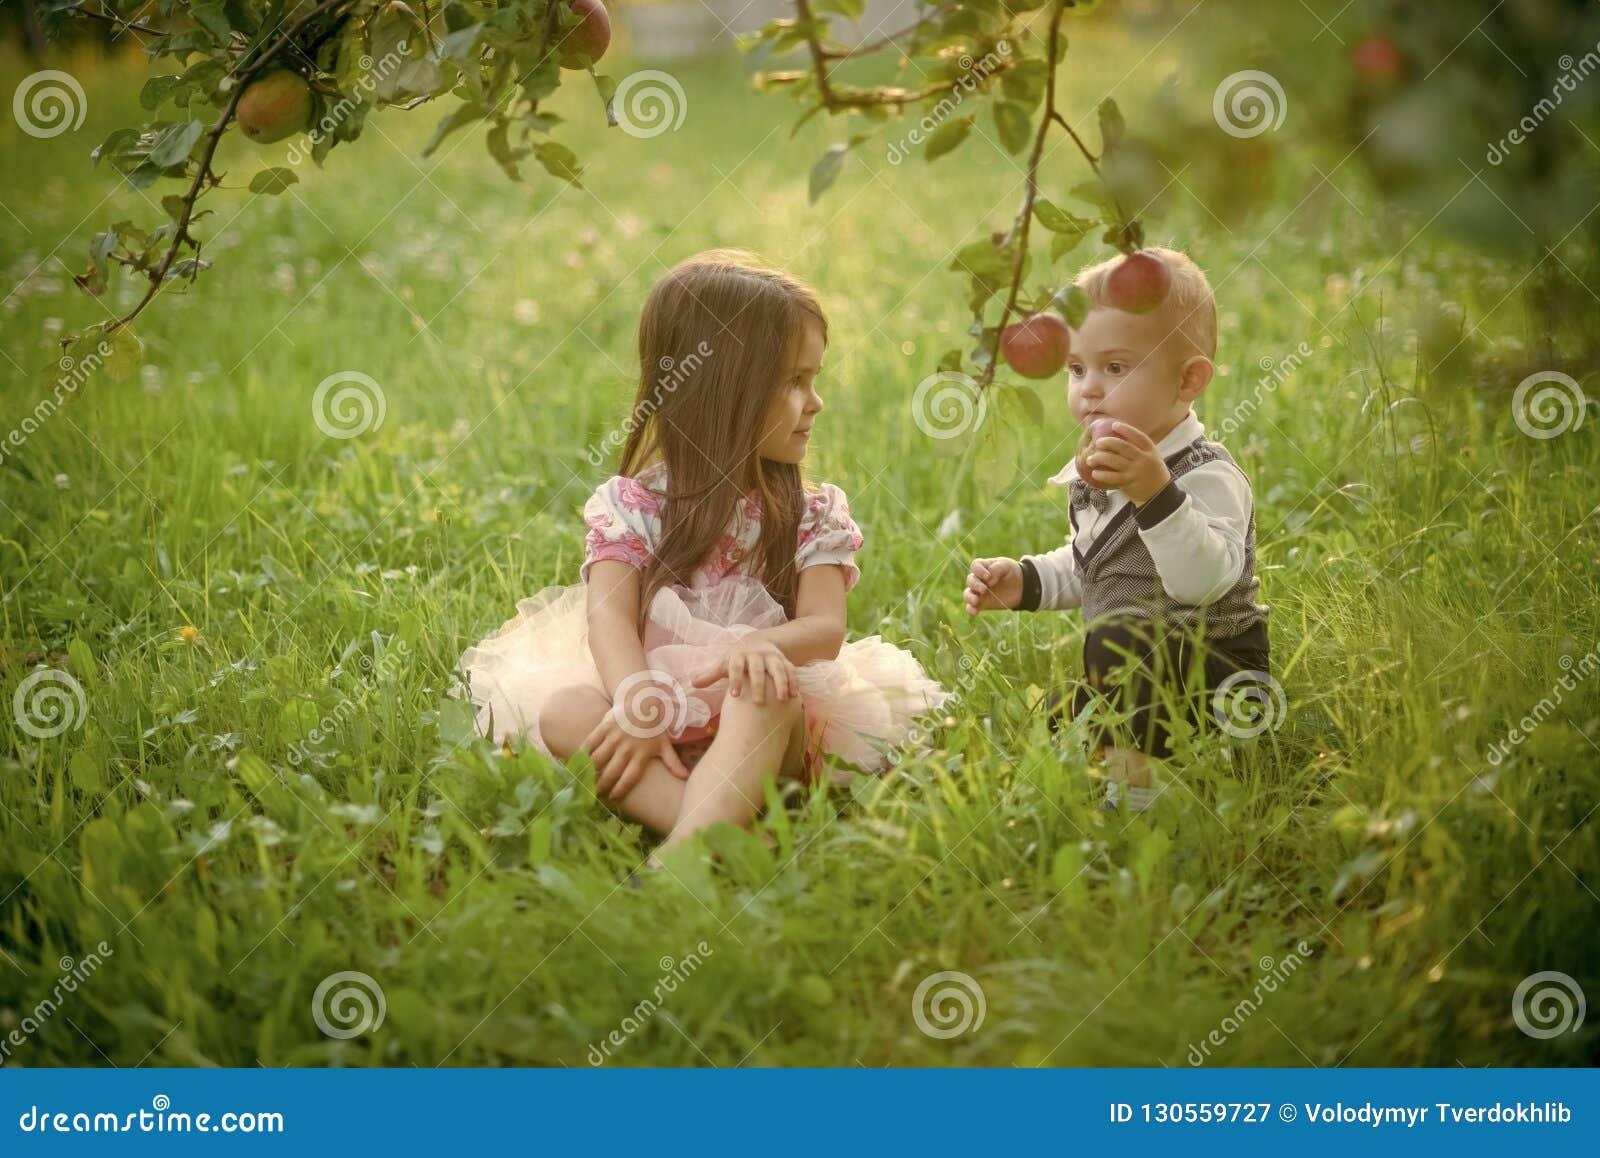 Kinder sitzen unter Apfelbaum im Sommerpark